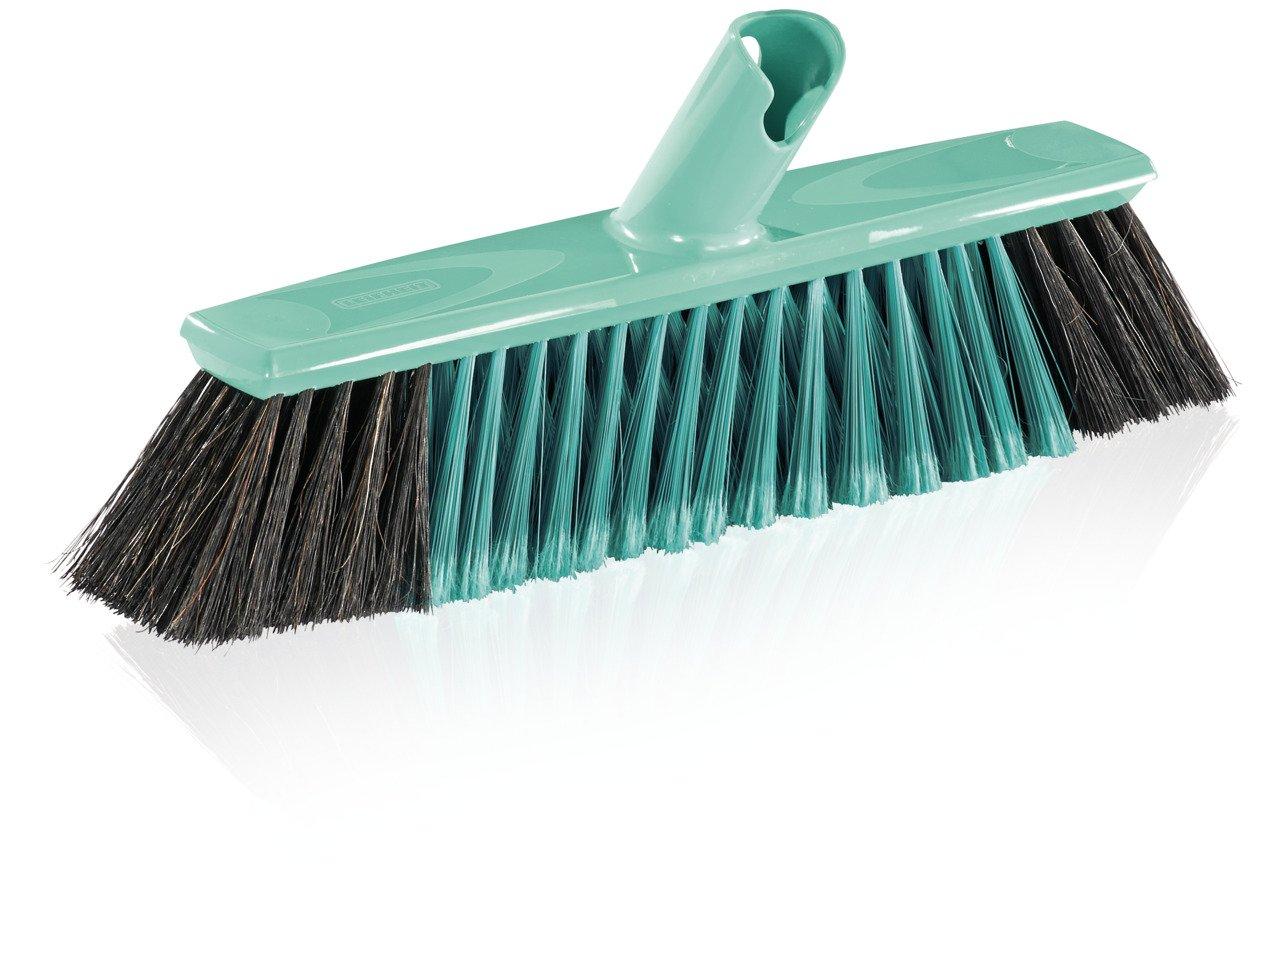 Leifheit Parquet Broom Xtra Clean 30 cm, Natural Hair, House Brush, Dustpan Brush, Mint Green, 45033